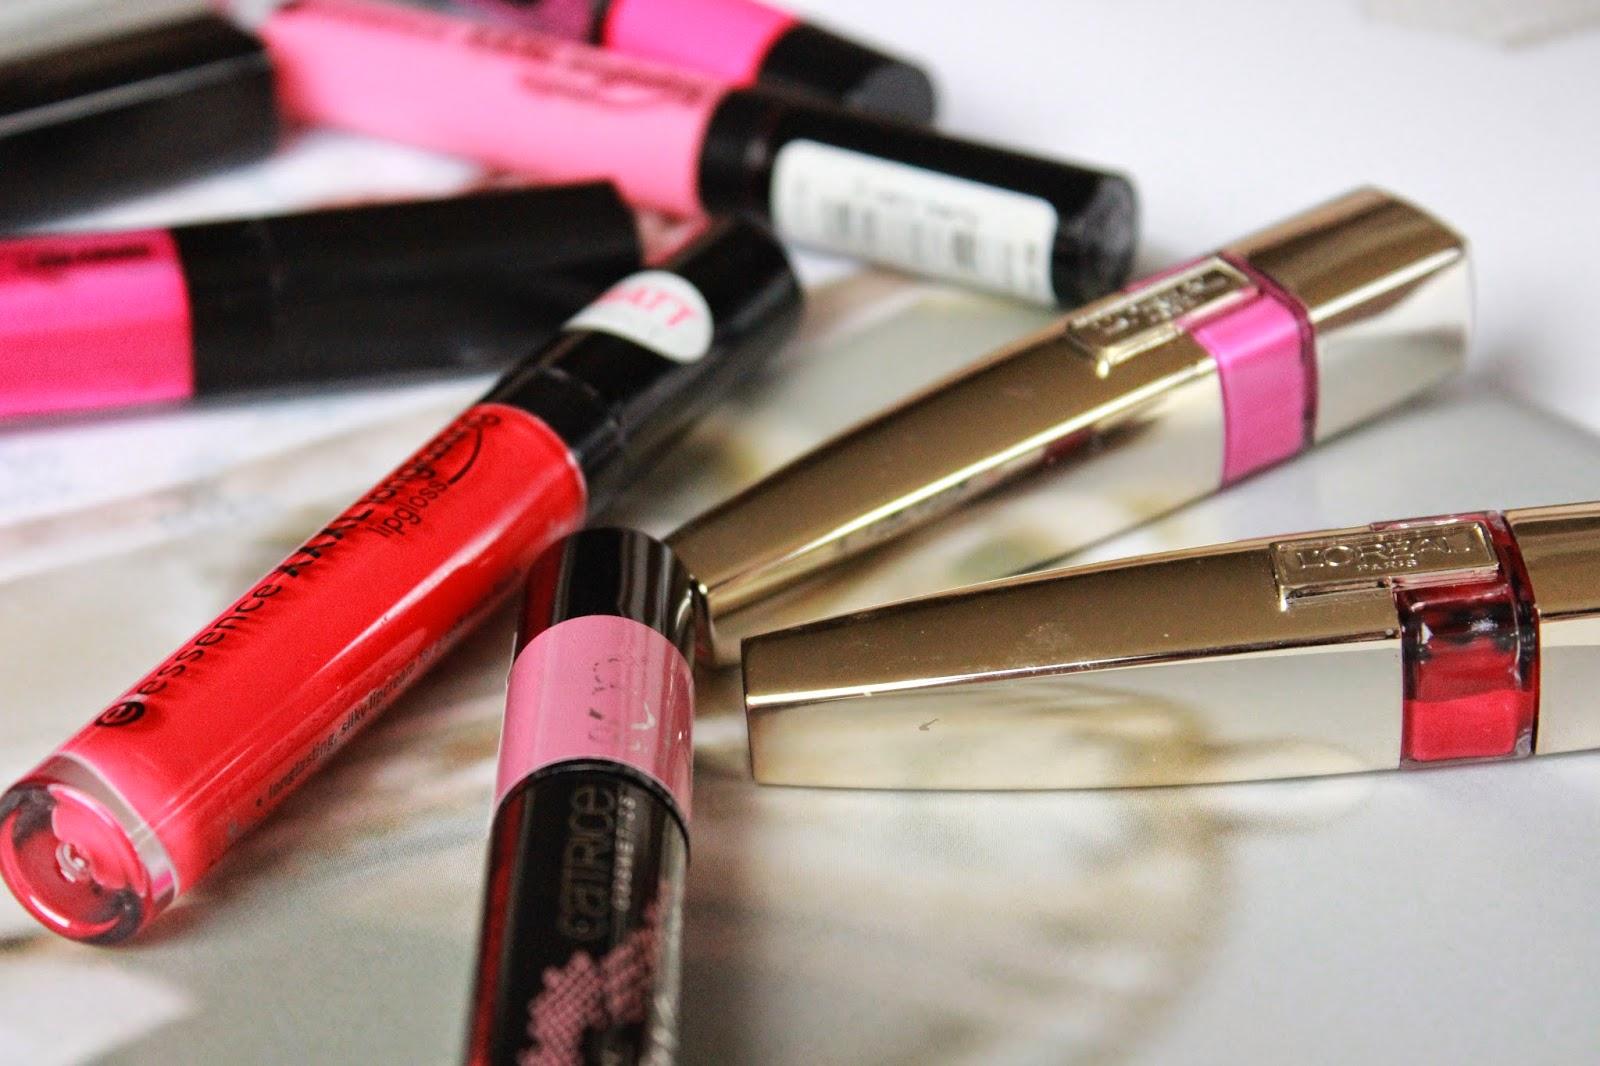 lipgloss die niet plakt